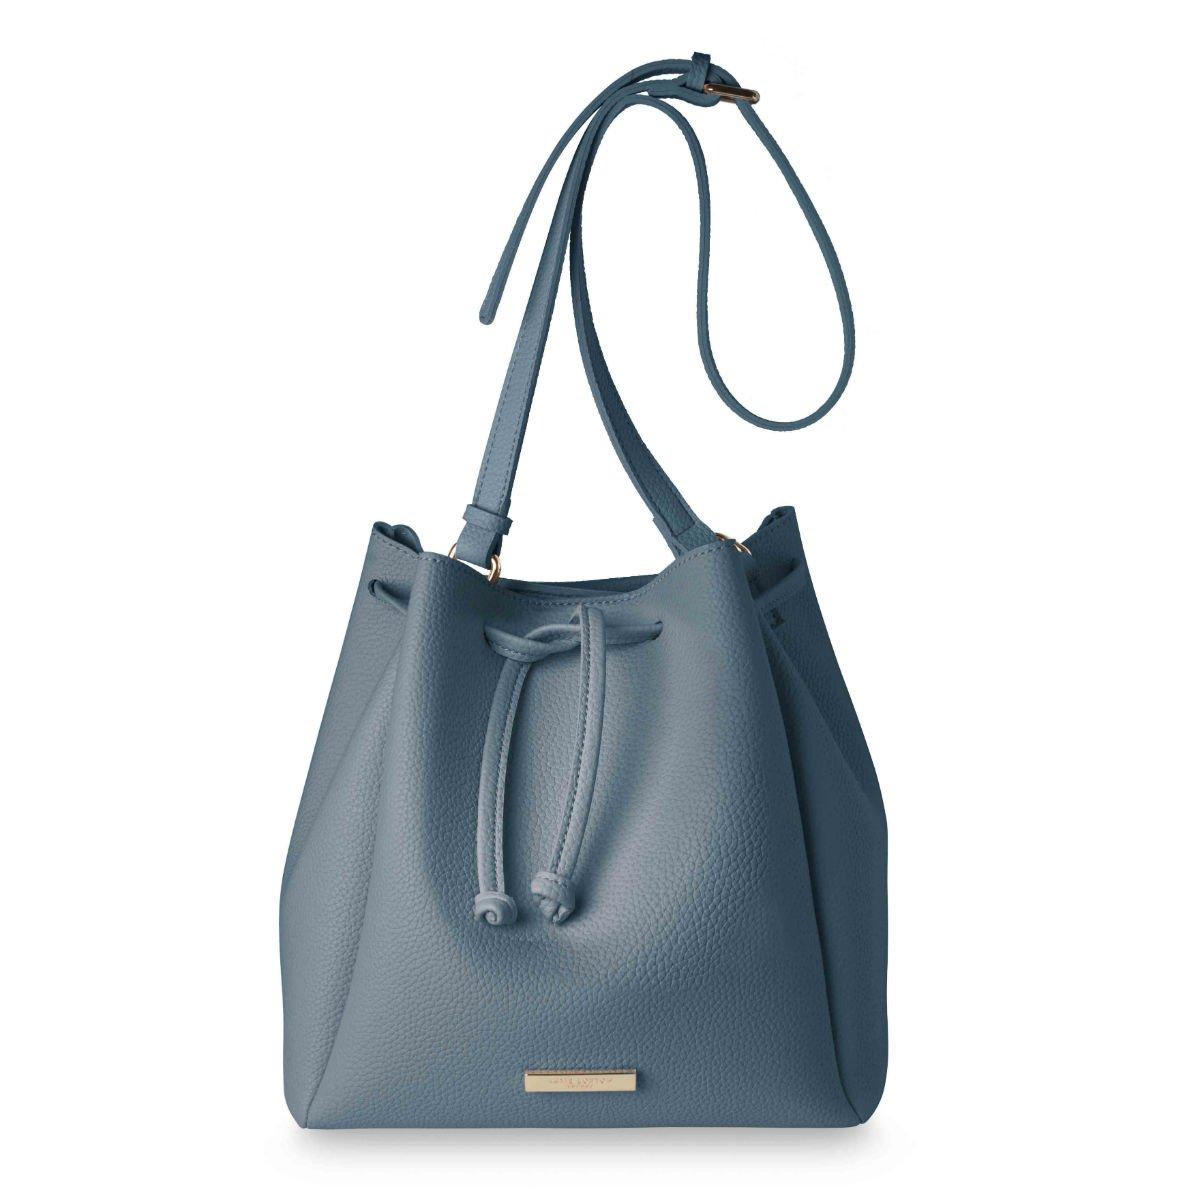 Modrý vak - Chloe Bucket Bag